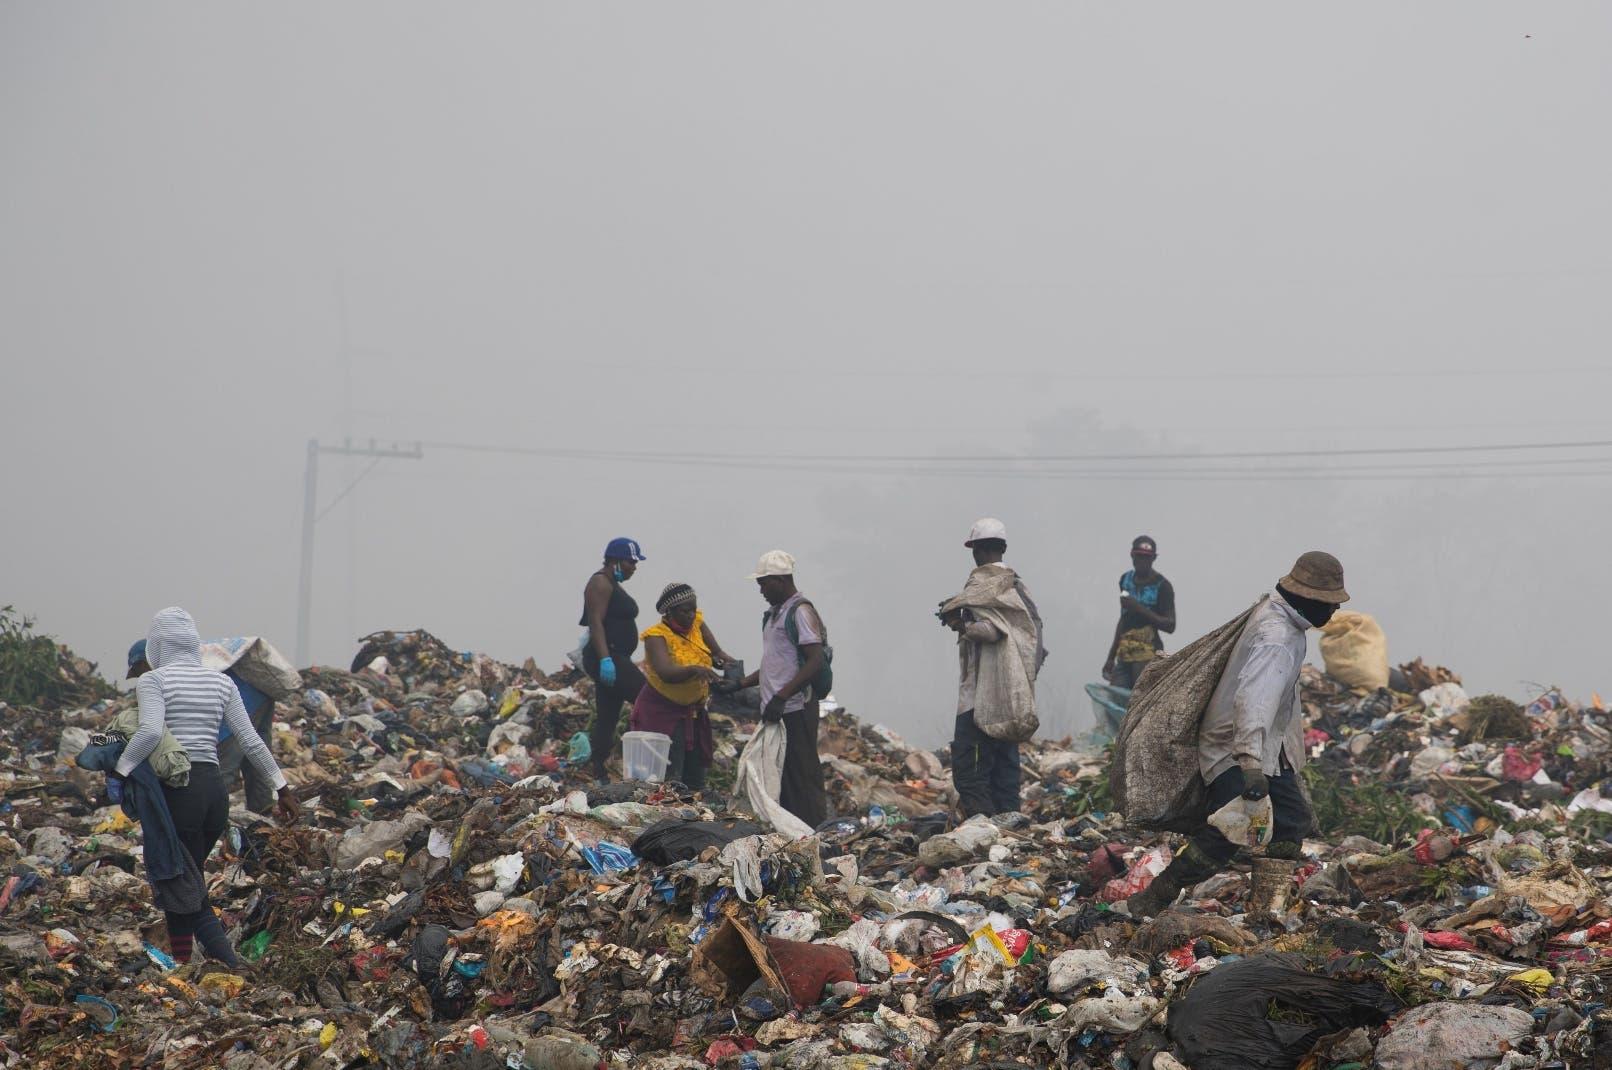 Duquesa, contaminación  fija que daña la salud y perjudica biodiversidad